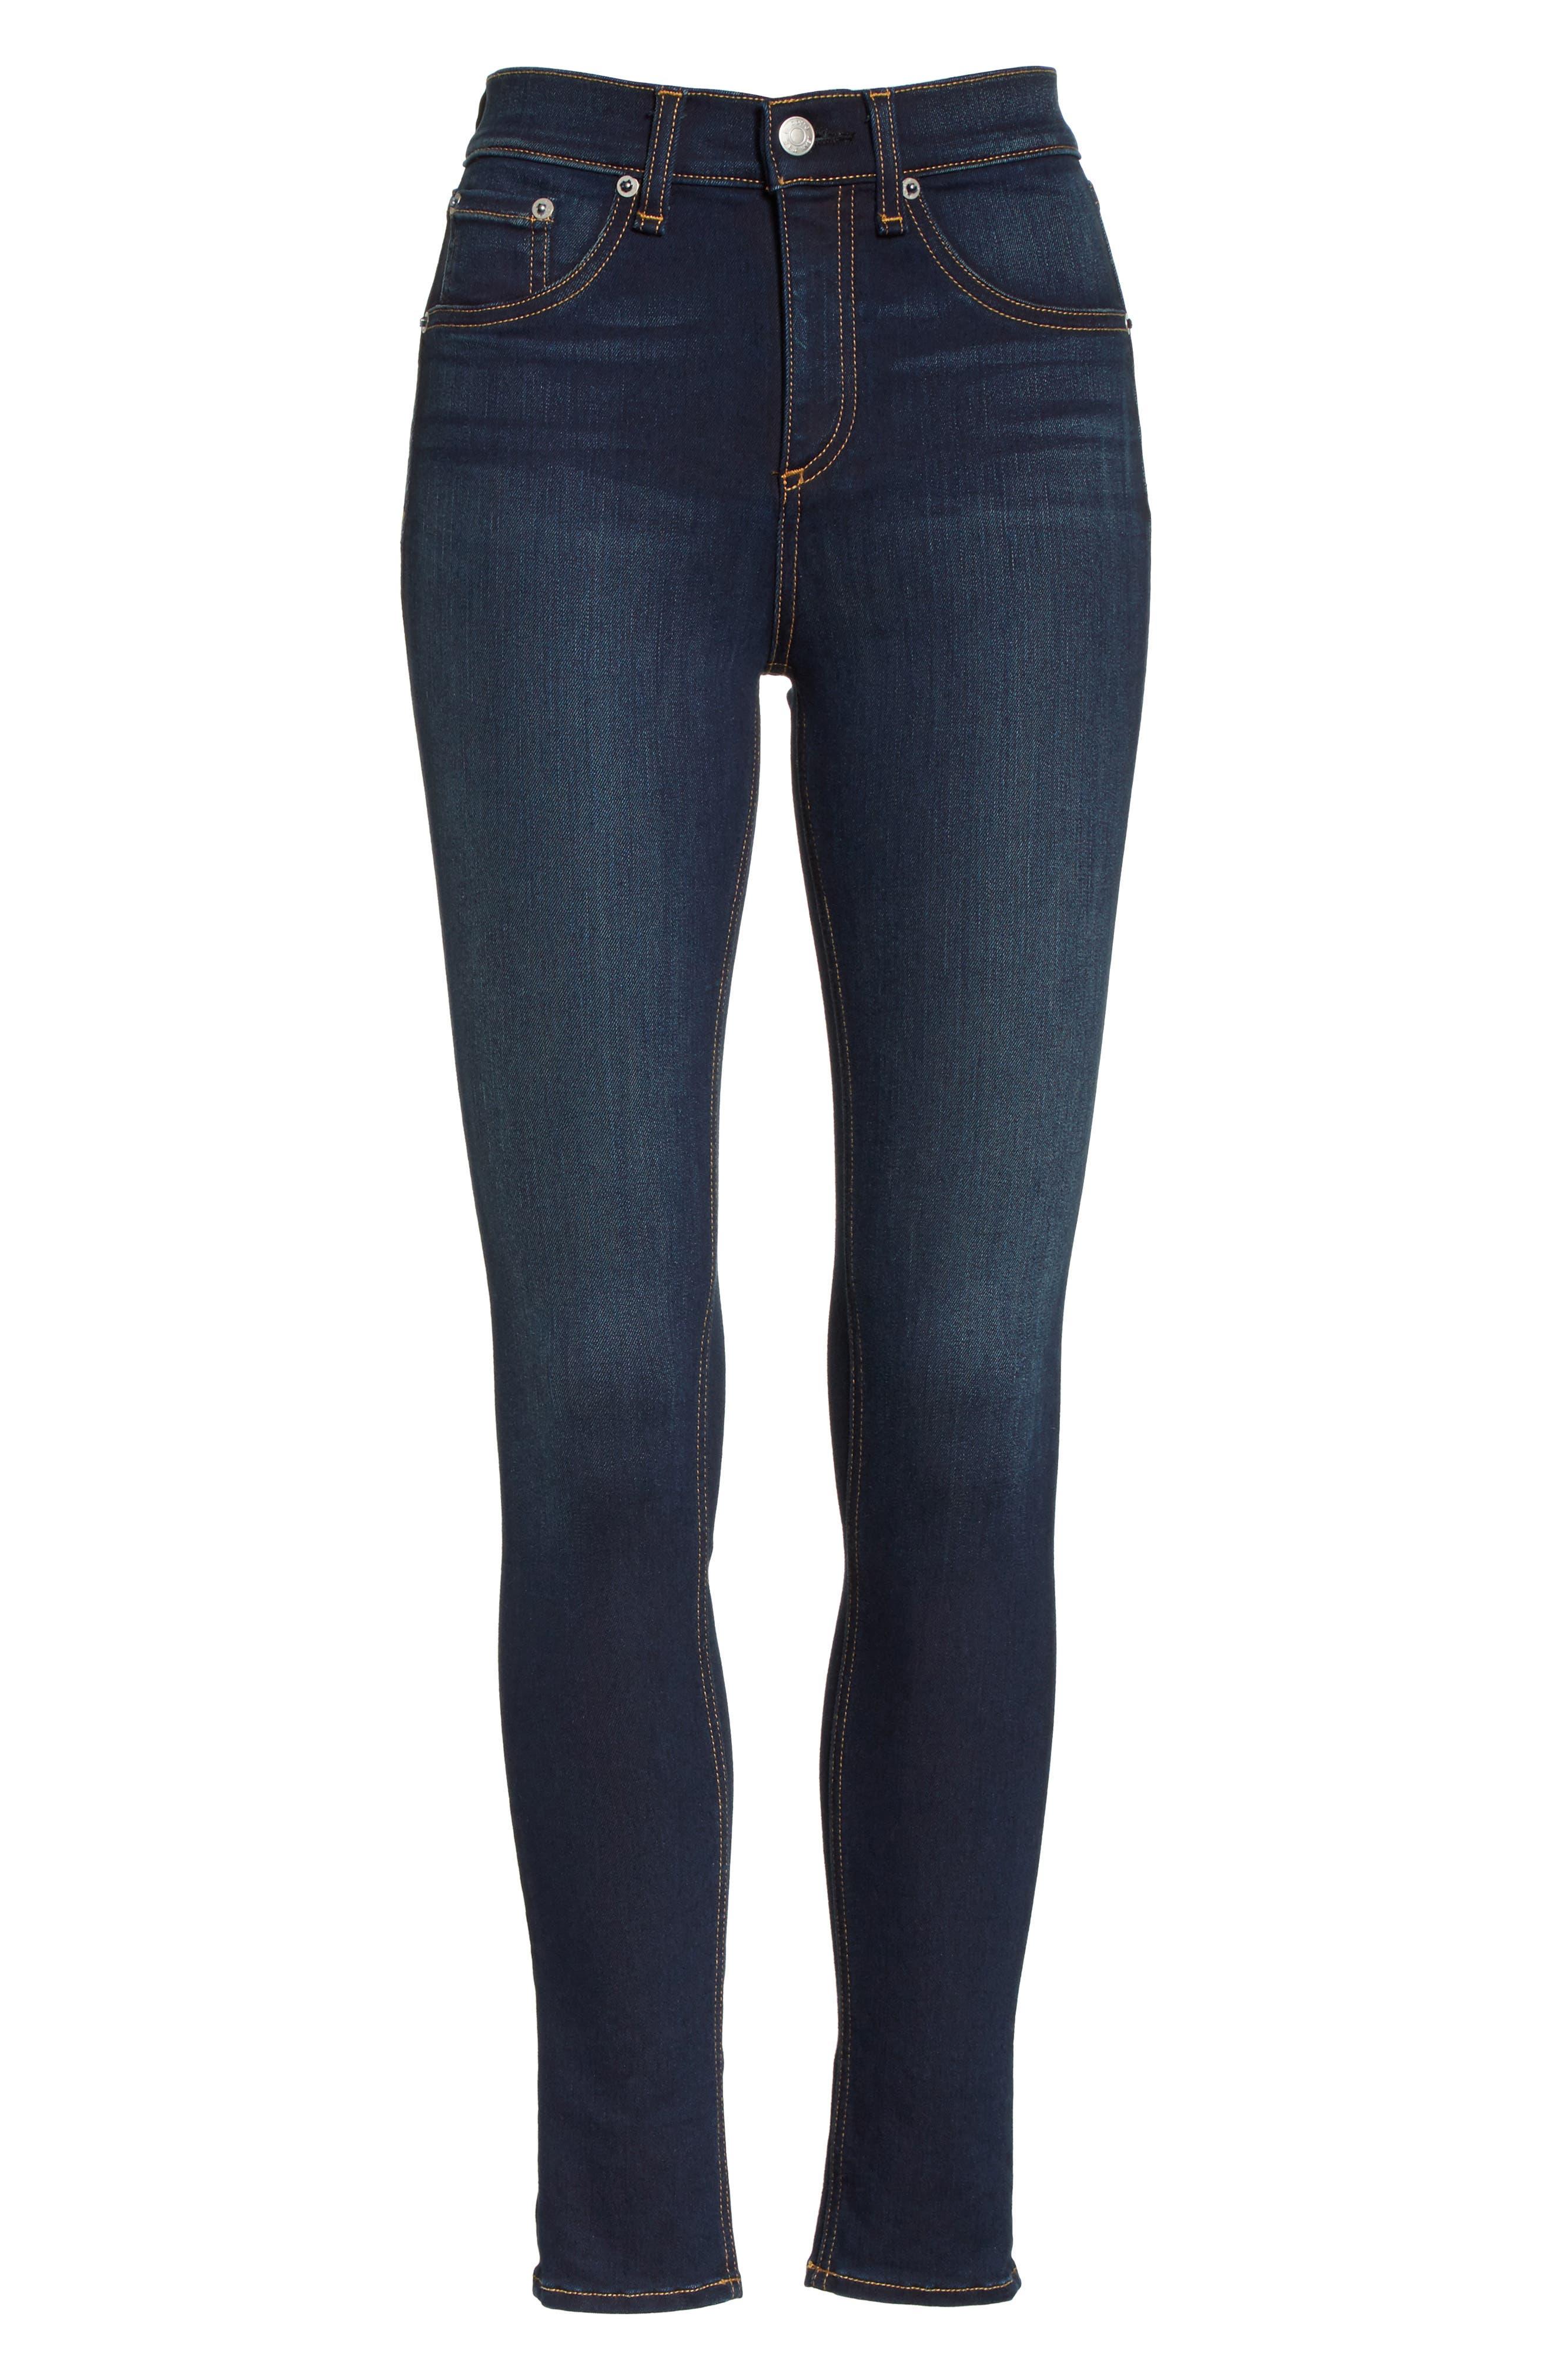 RAG & BONE, High Waist Ankle Skinny Jeans, Alternate thumbnail 7, color, BEDFORD